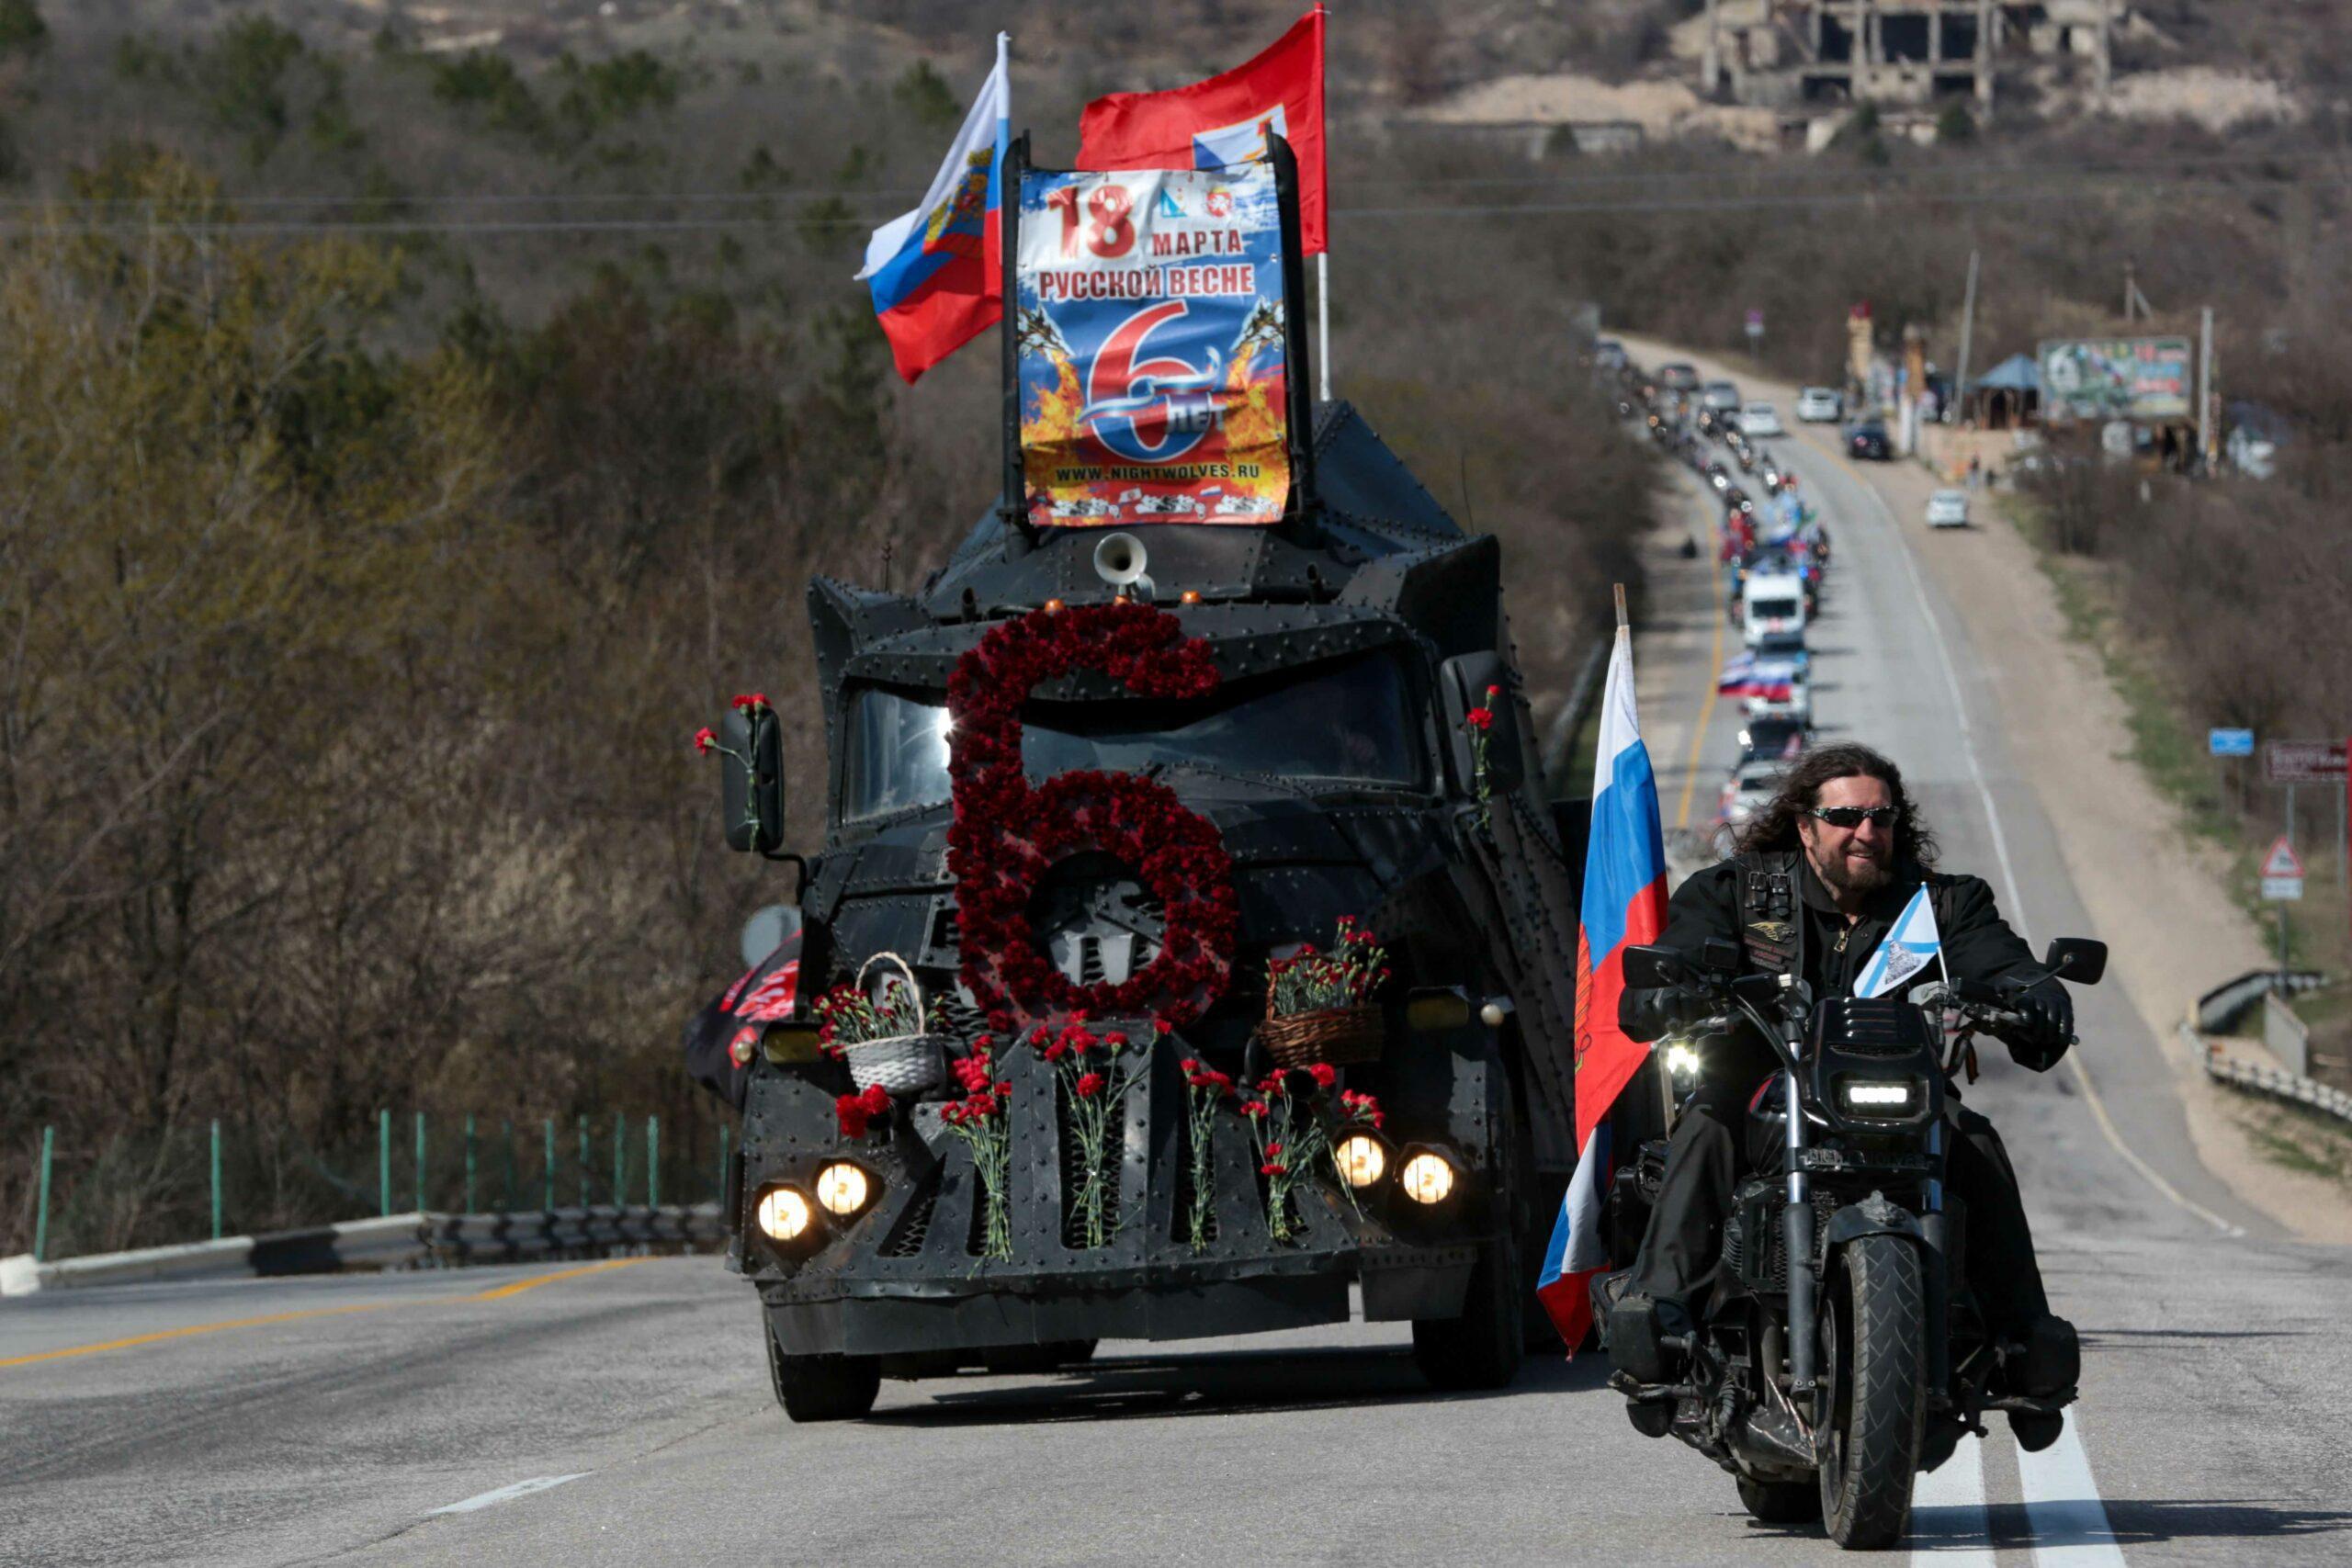 gettyimages 1207620406 scaled - <b>ООН розповіла про порушення прав людини в Криму.</b> Наступного дня ФСБ затримала кримських татар - Заборона